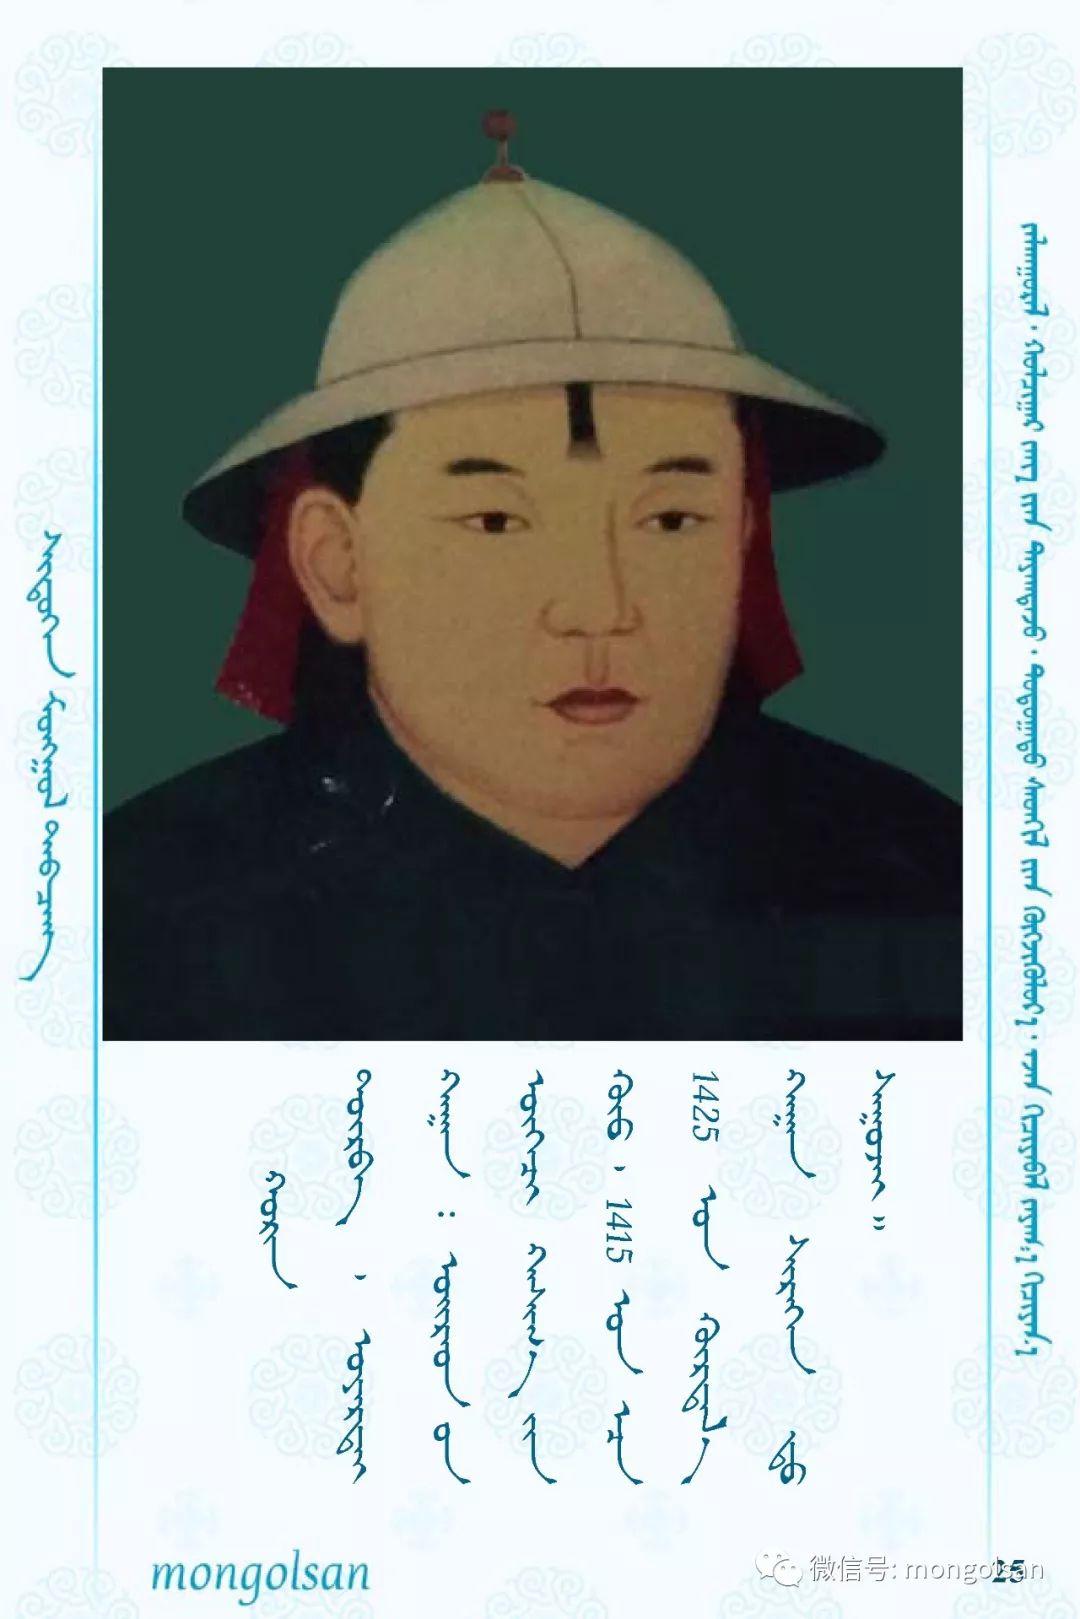 【关注】蒙古皇帝列表 第25张